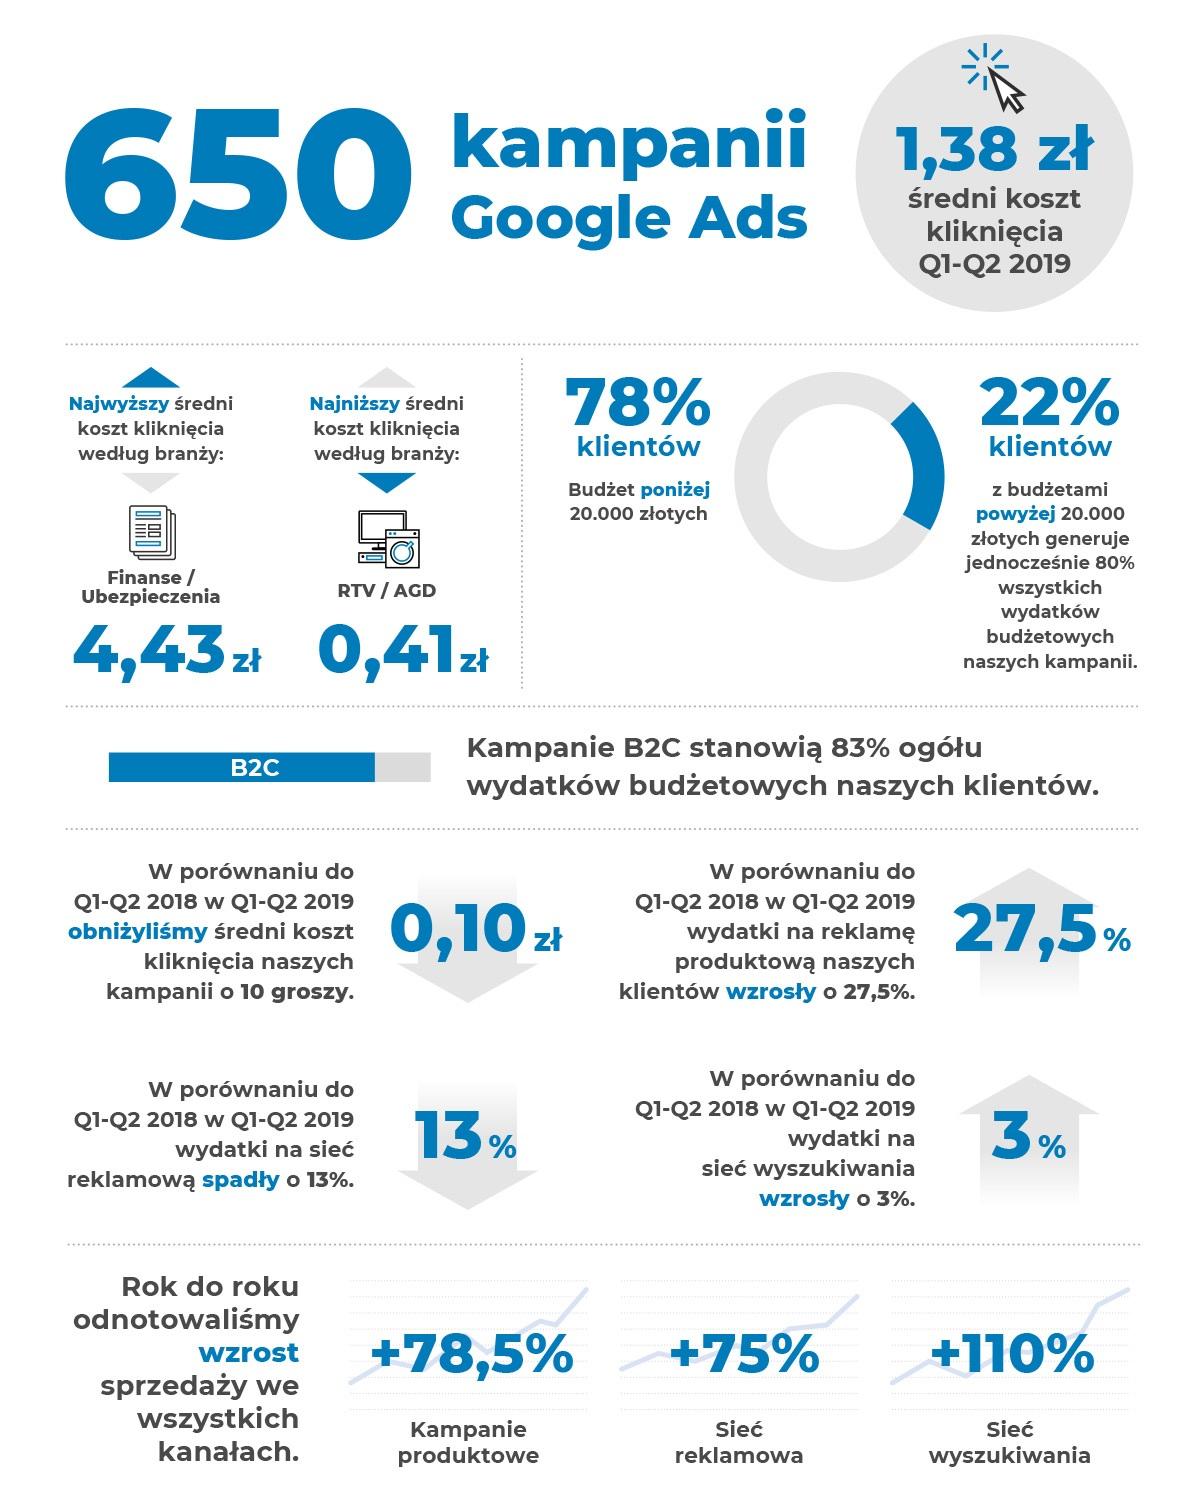 reklama produktowa statystyki